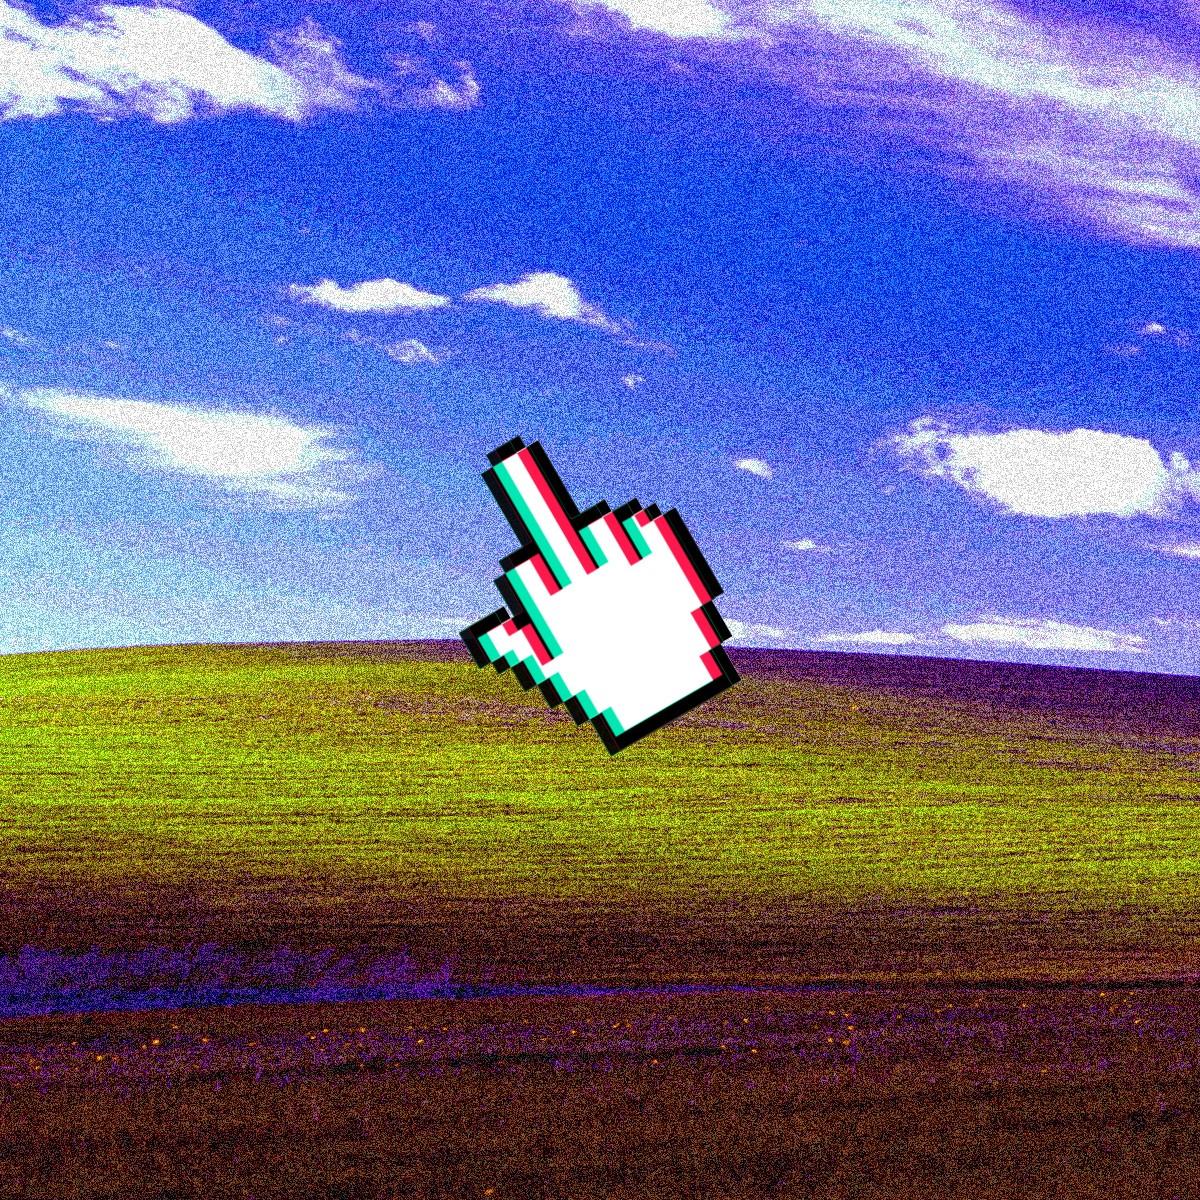 デスクトップ壁紙 デジタルアート 空 中指 風 地平線 Vhs